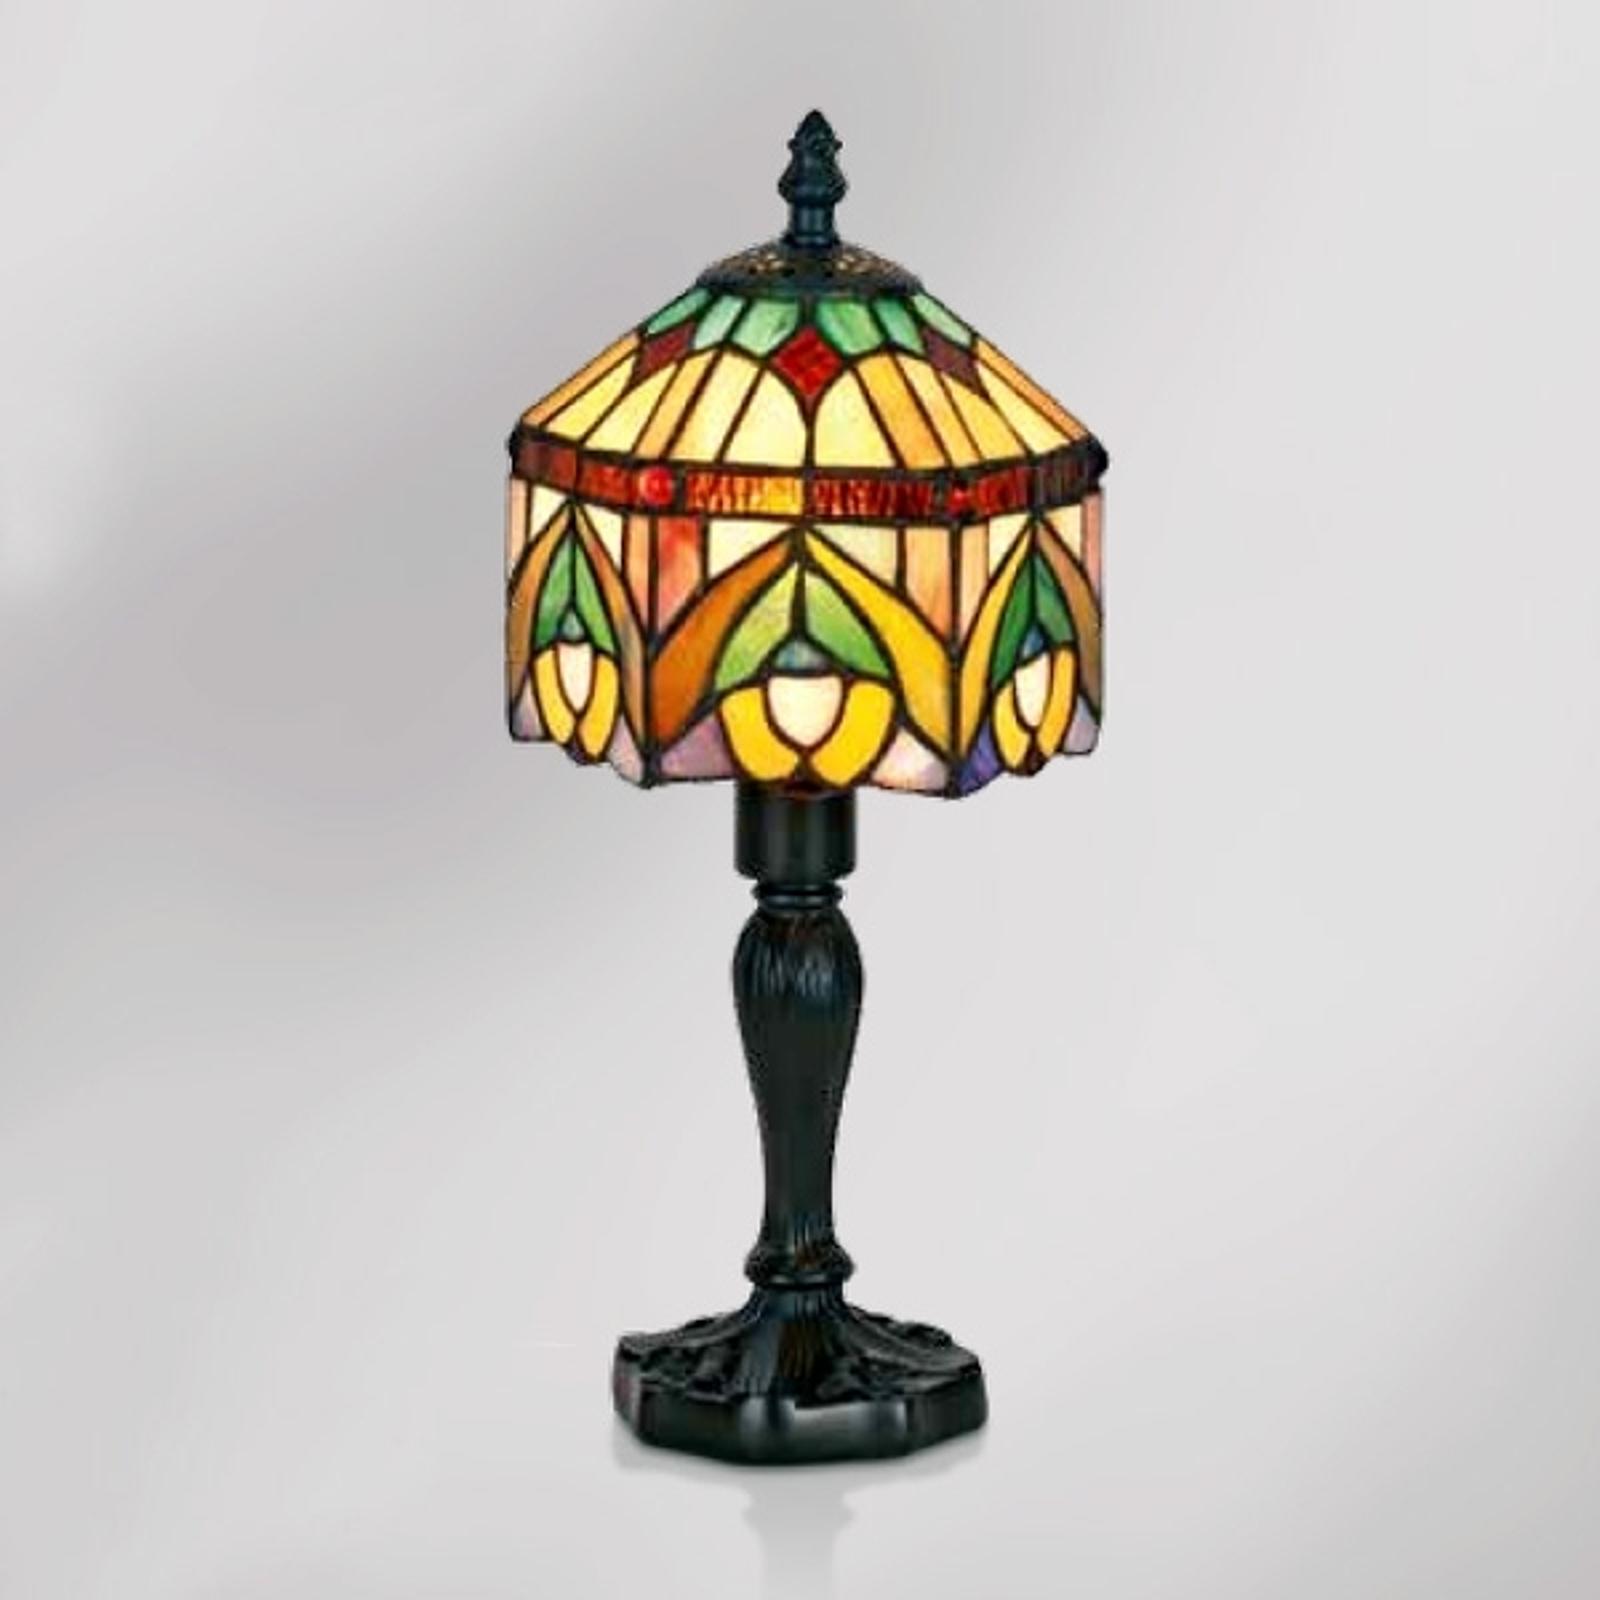 Lampada da tavolo decorativa Jamilia stile Tiffany